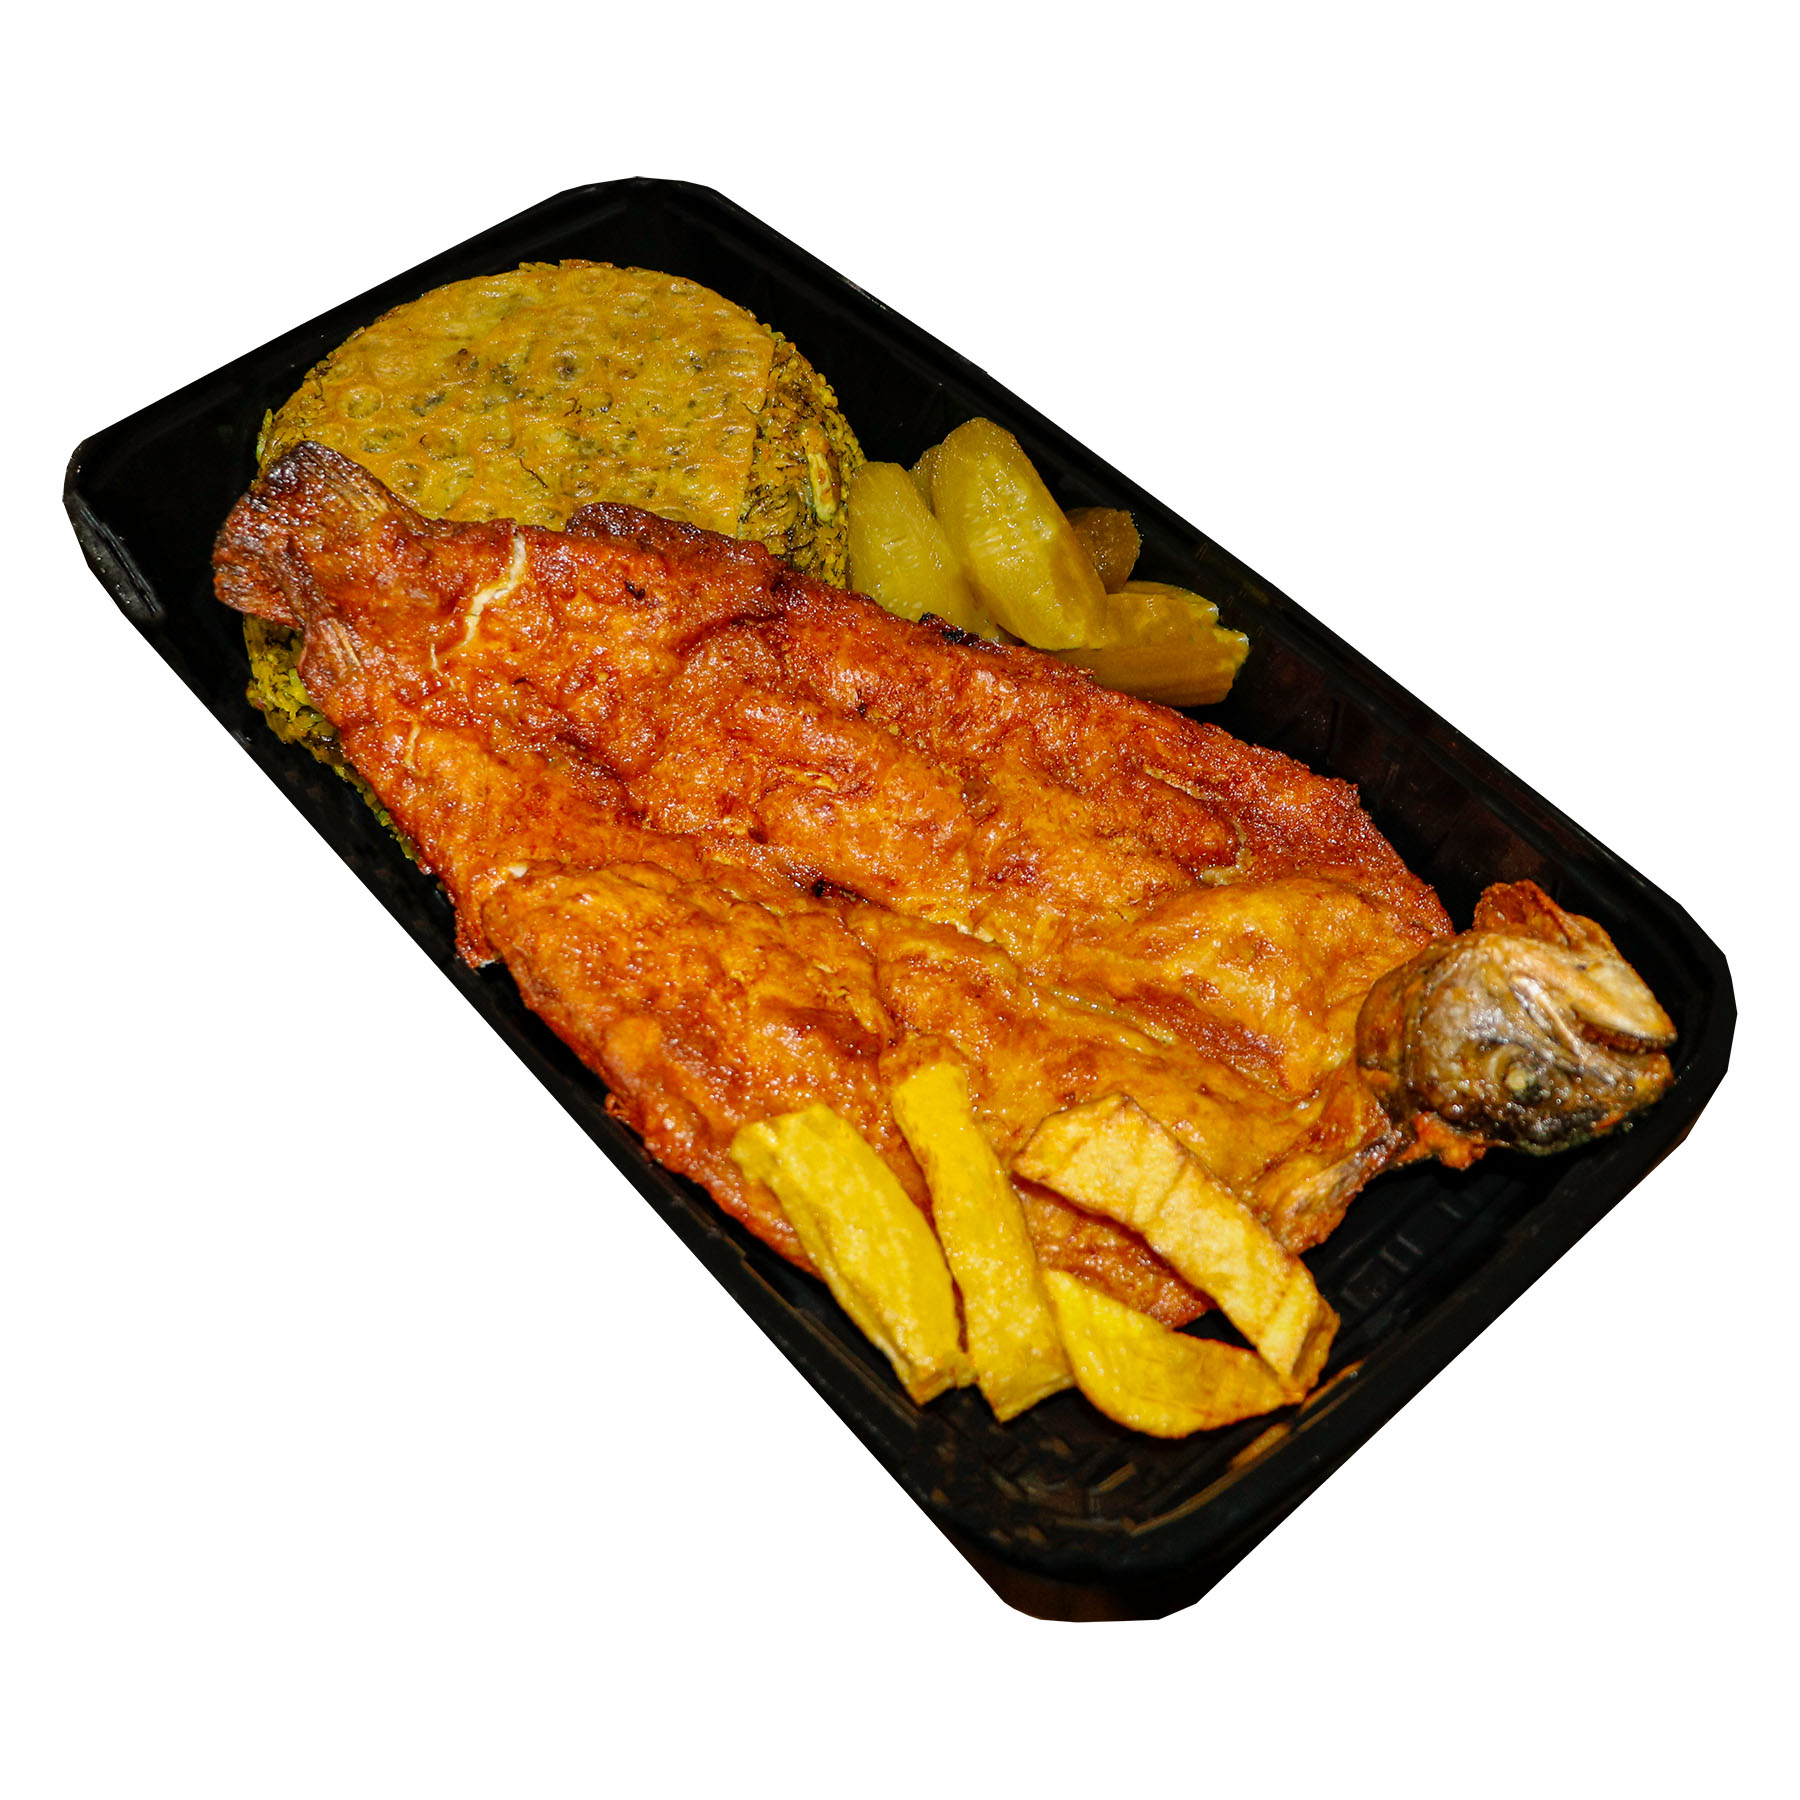 شوید باقالی پلو با ماهی قزل آلا